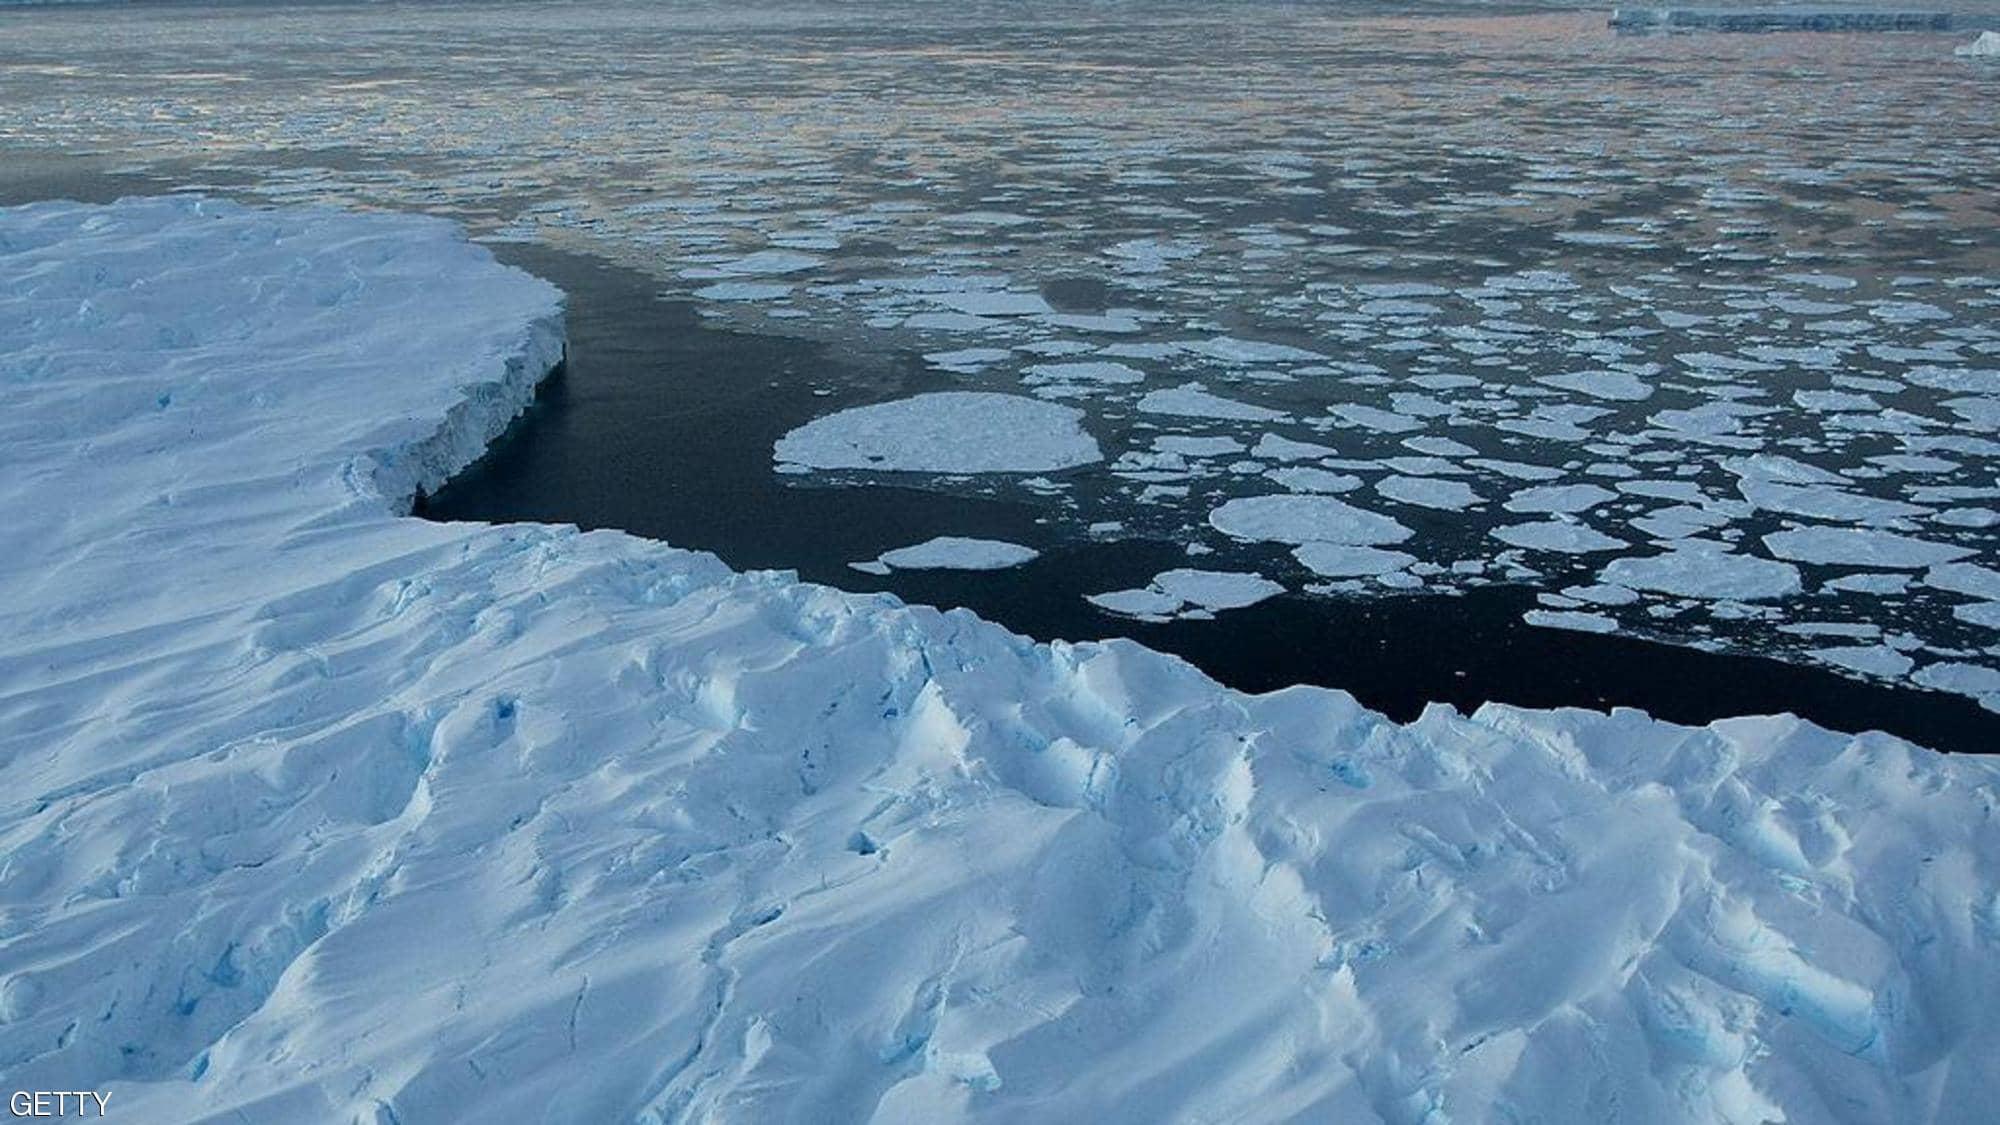 """الأمم المتحدة تحدد """"سبيل الخلاص"""" من أزمة التغير المناخي"""